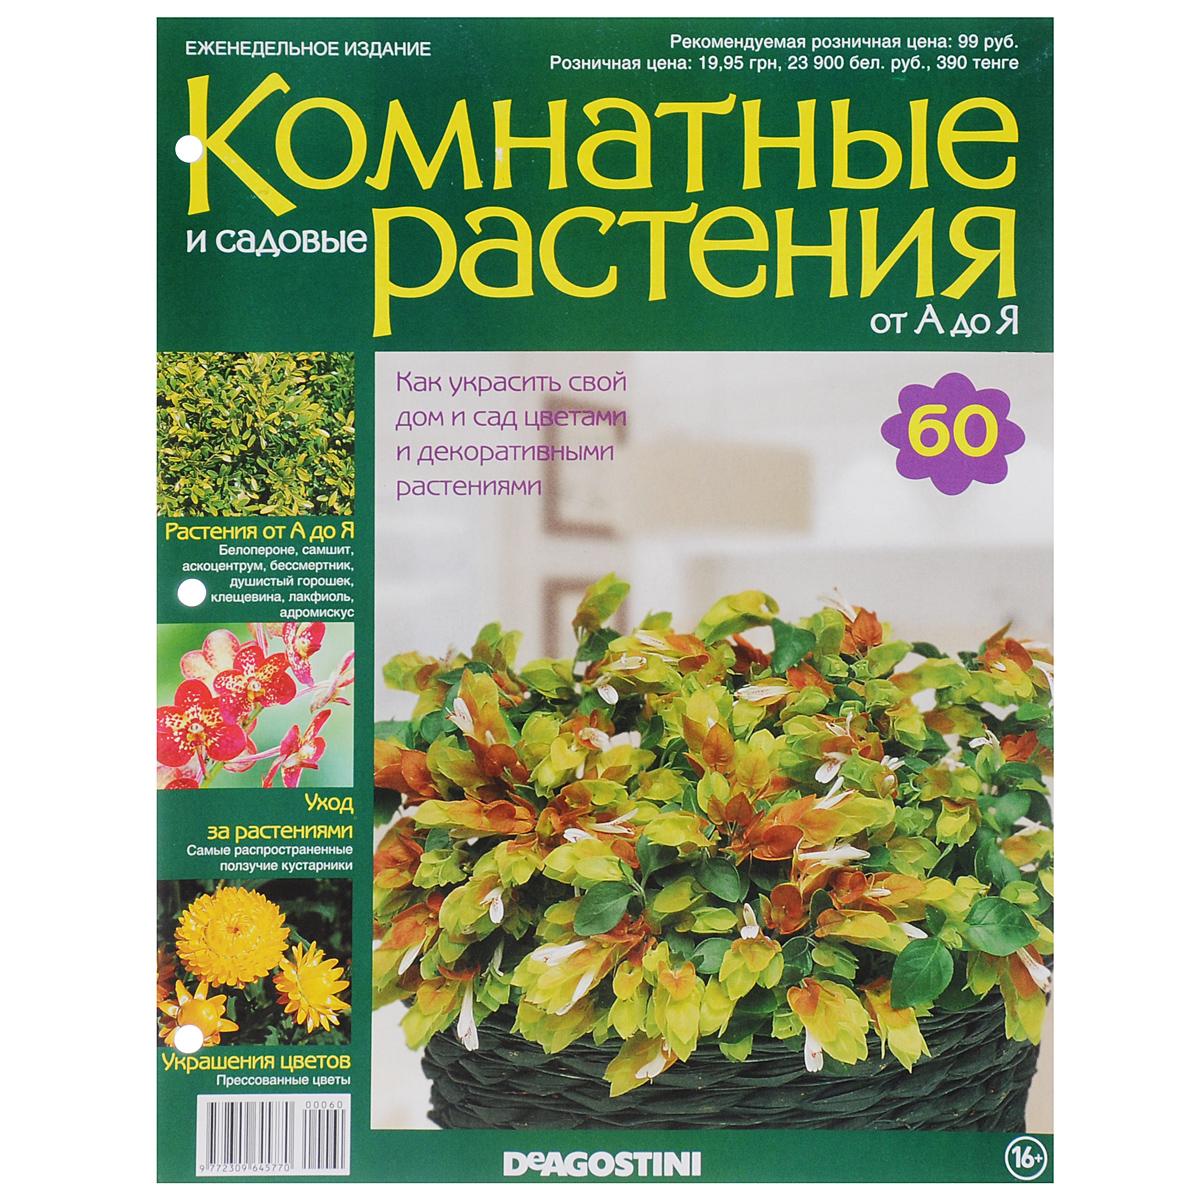 Журнал Комнатные и садовые растения. От А до Я №60 александр базель отадоя ая